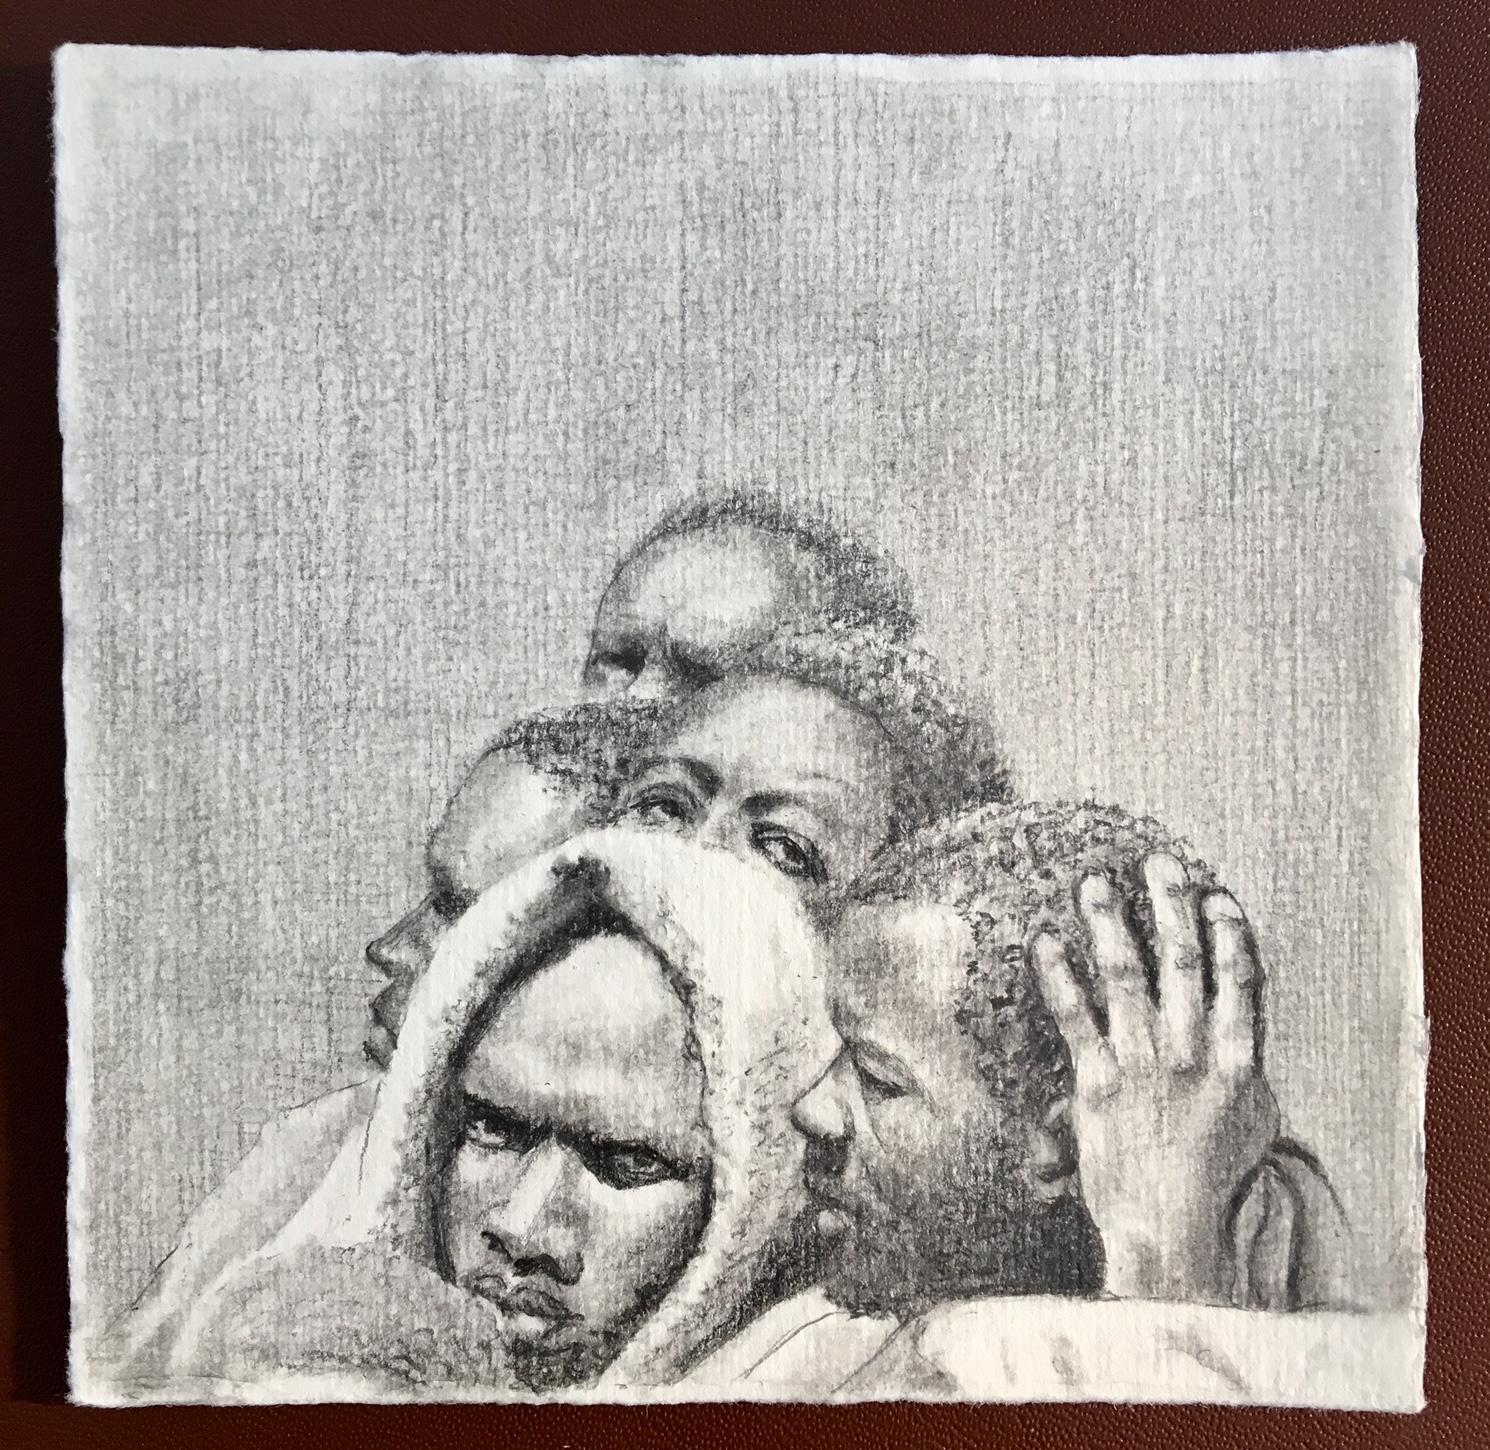 Migrant Drawings VI